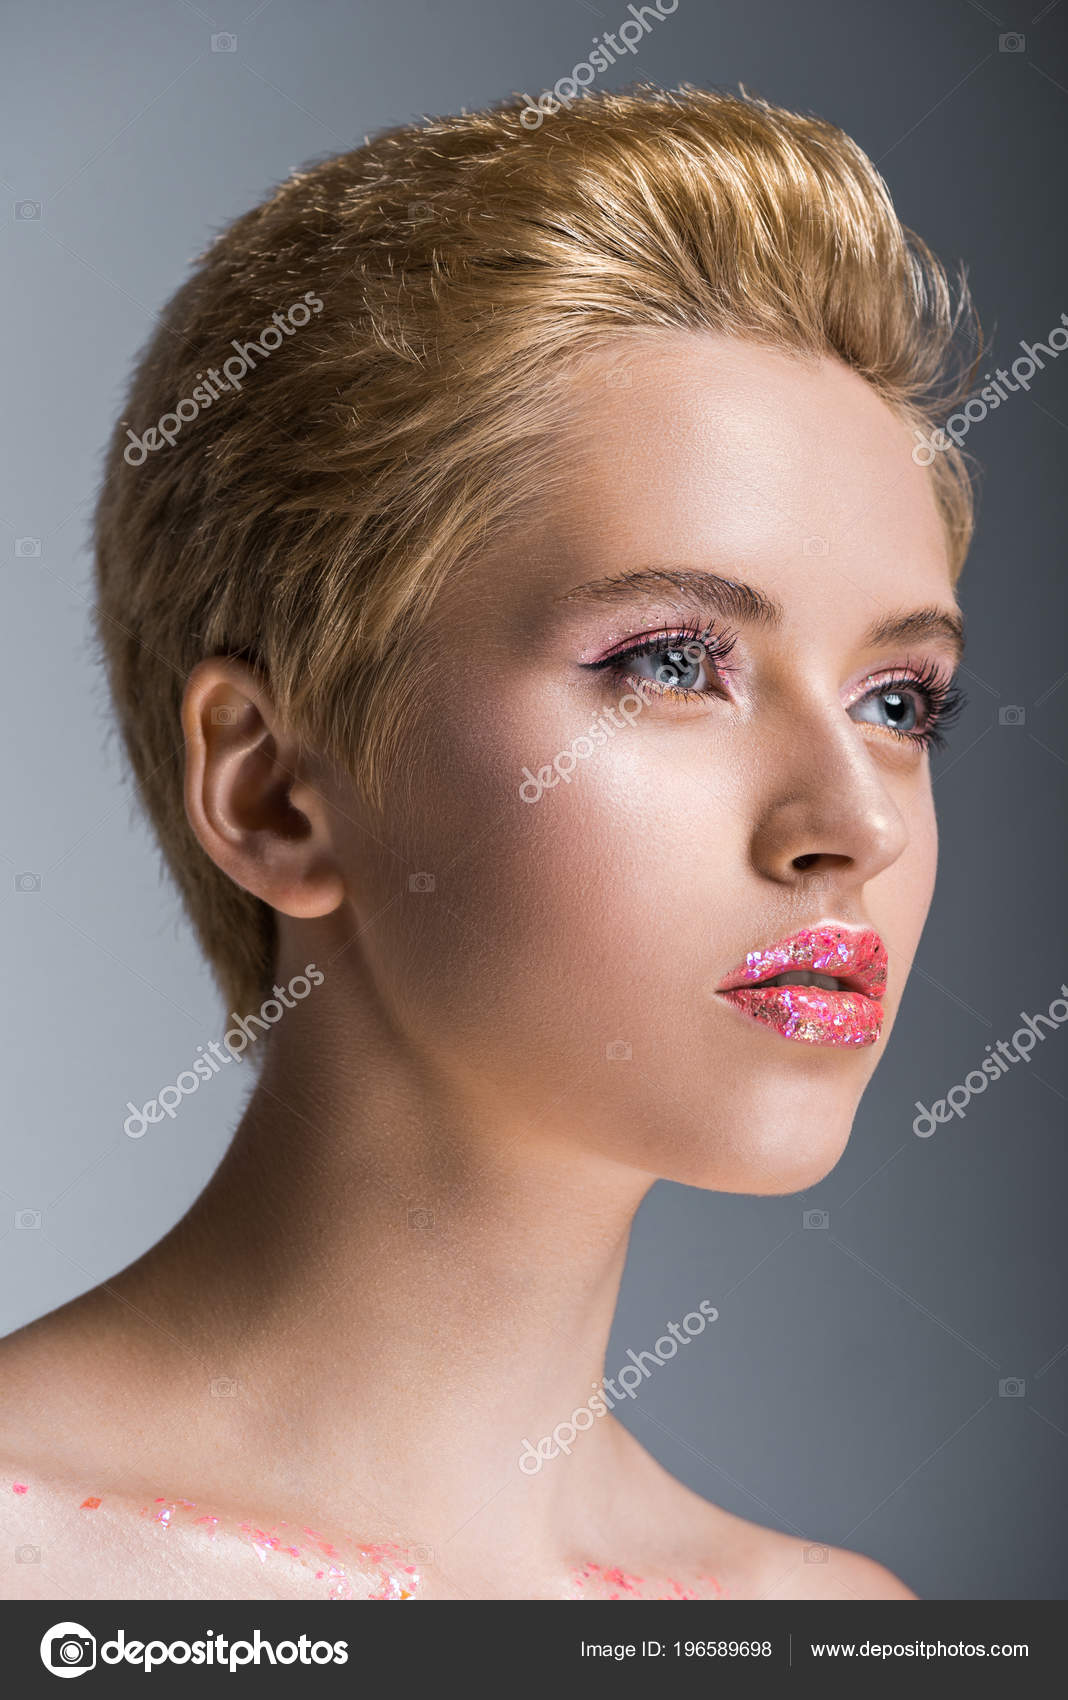 Zeer Aantrekkelijke Vrouw Met Kort Haar Make Zoek Weg Geïsoleerd Grijs #WH32